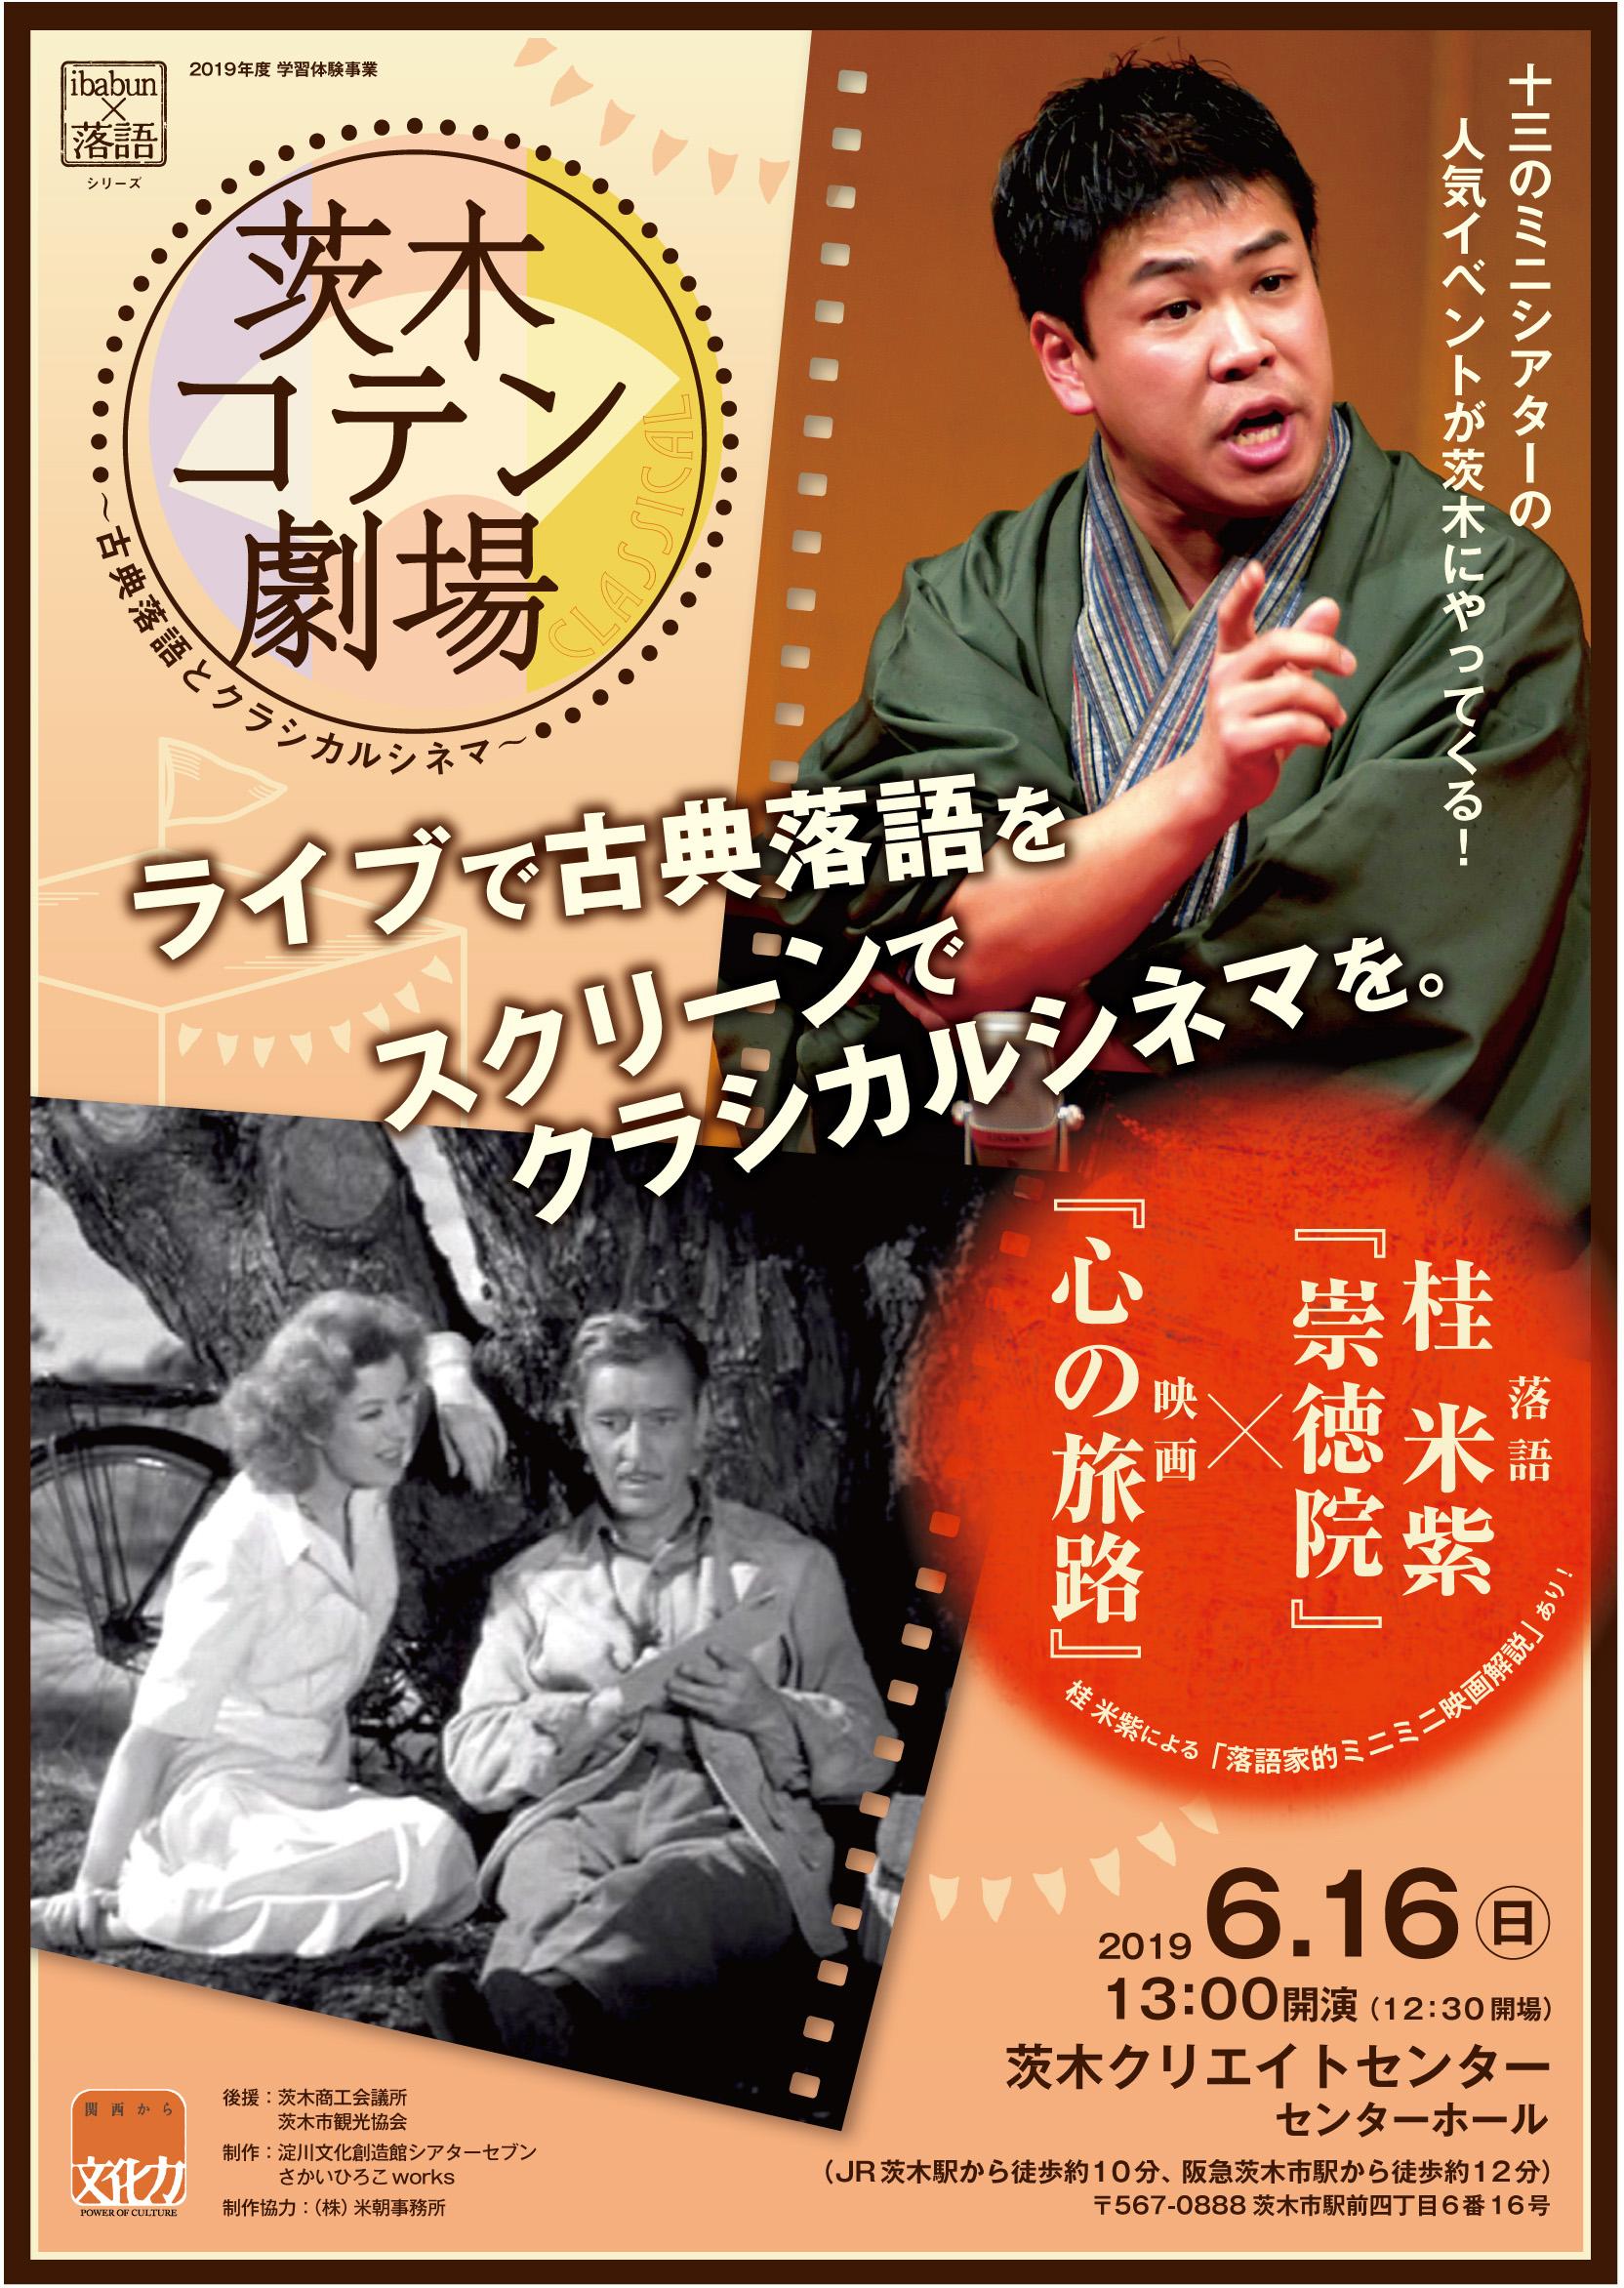 茨木コテン劇場 ~古典落語とクラシカルシネマ~